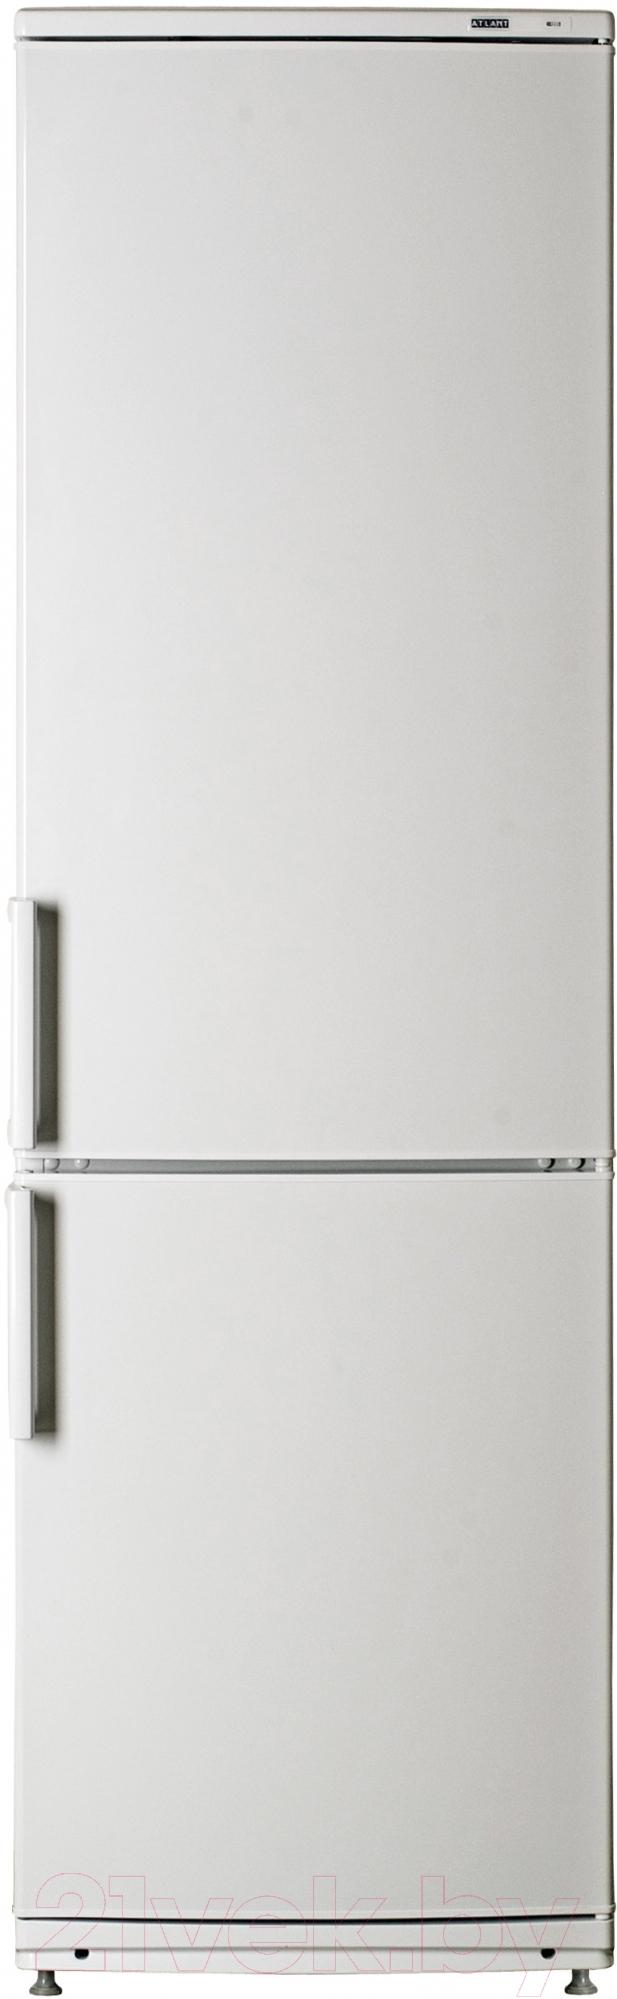 Купить Холодильник с морозильником ATLANT, ХМ 4024-000, Беларусь